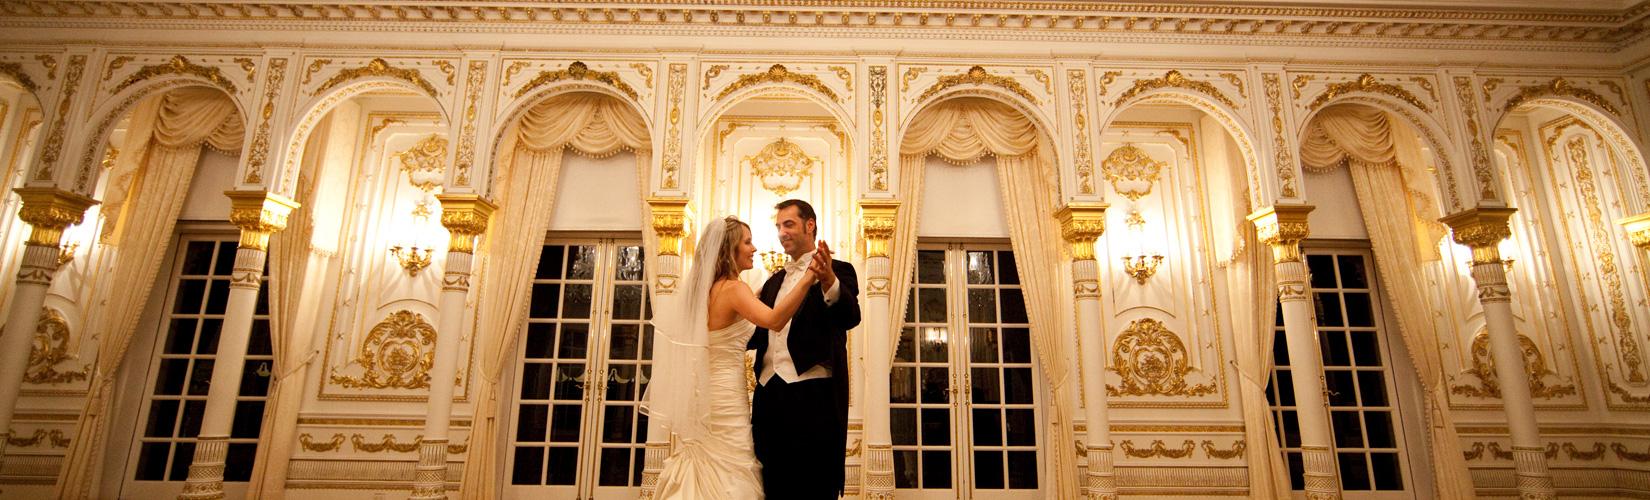 Mar-a-Lago Weddings | Sara Kauss Photography